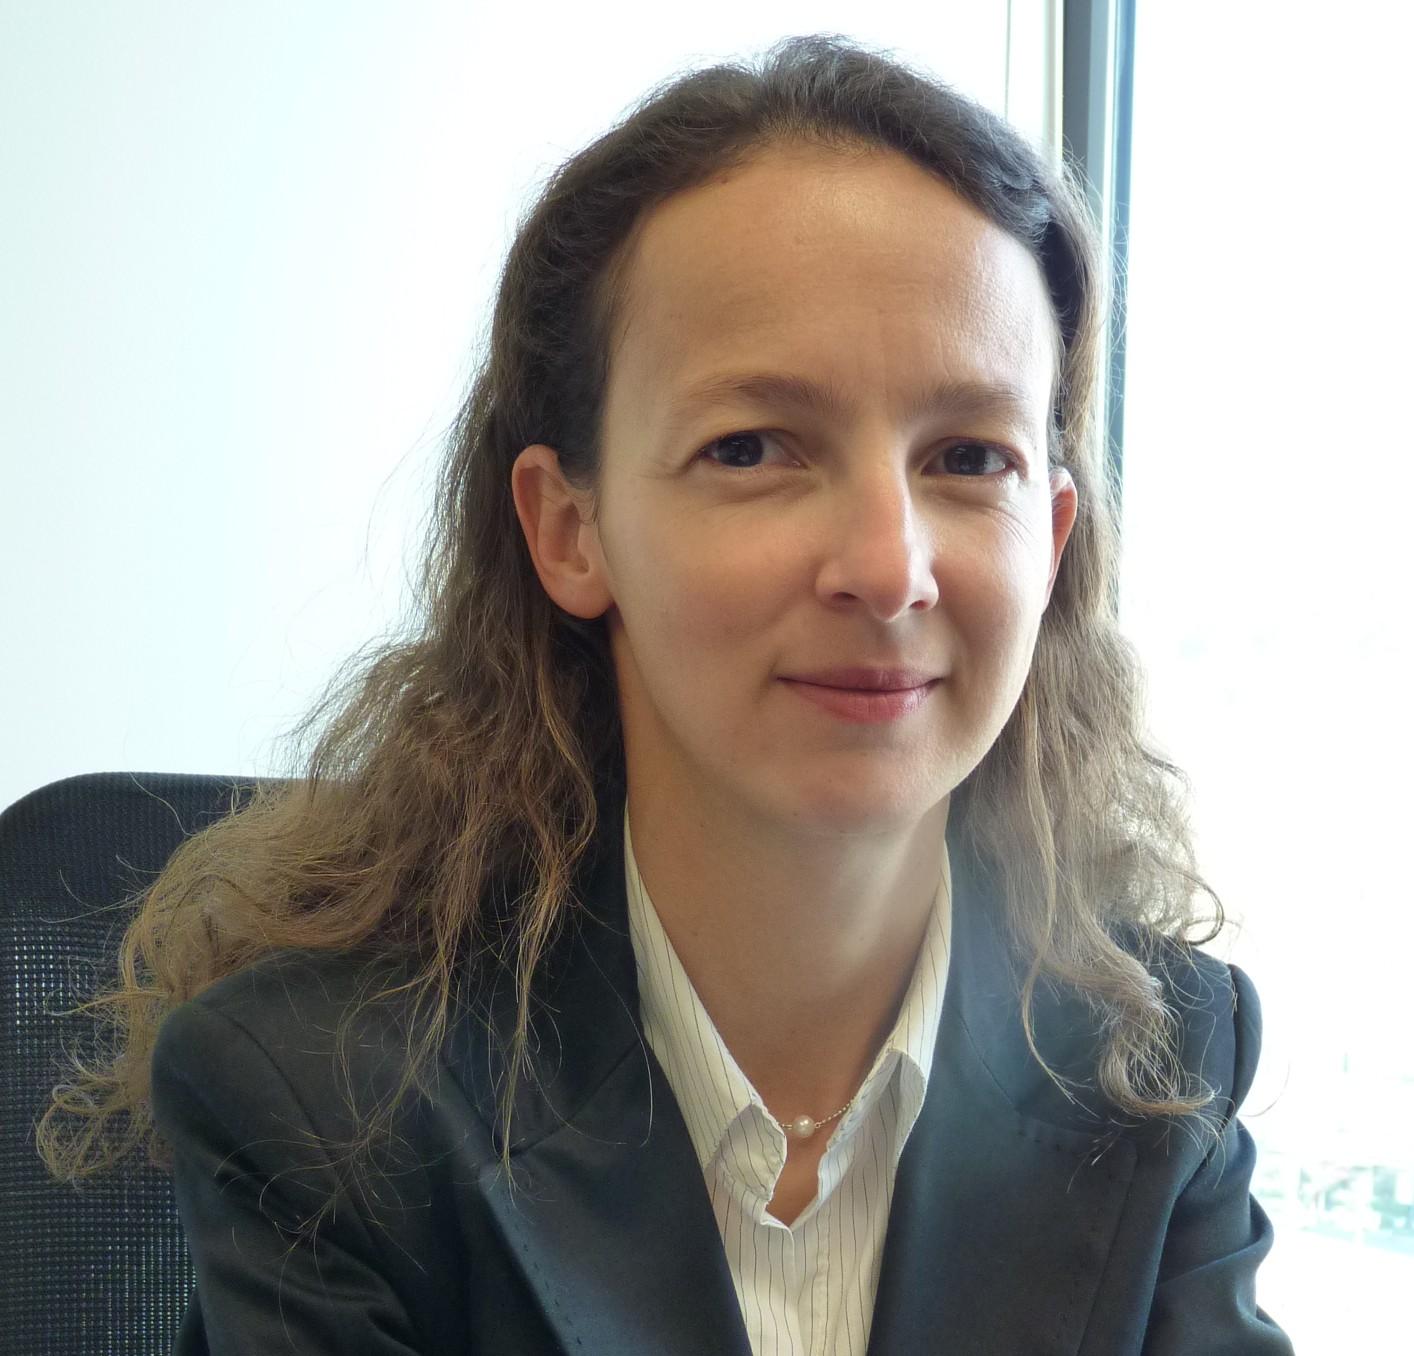 Mieux connaître les profs de finance de l'EM Grenoble : Lamya Kermiche